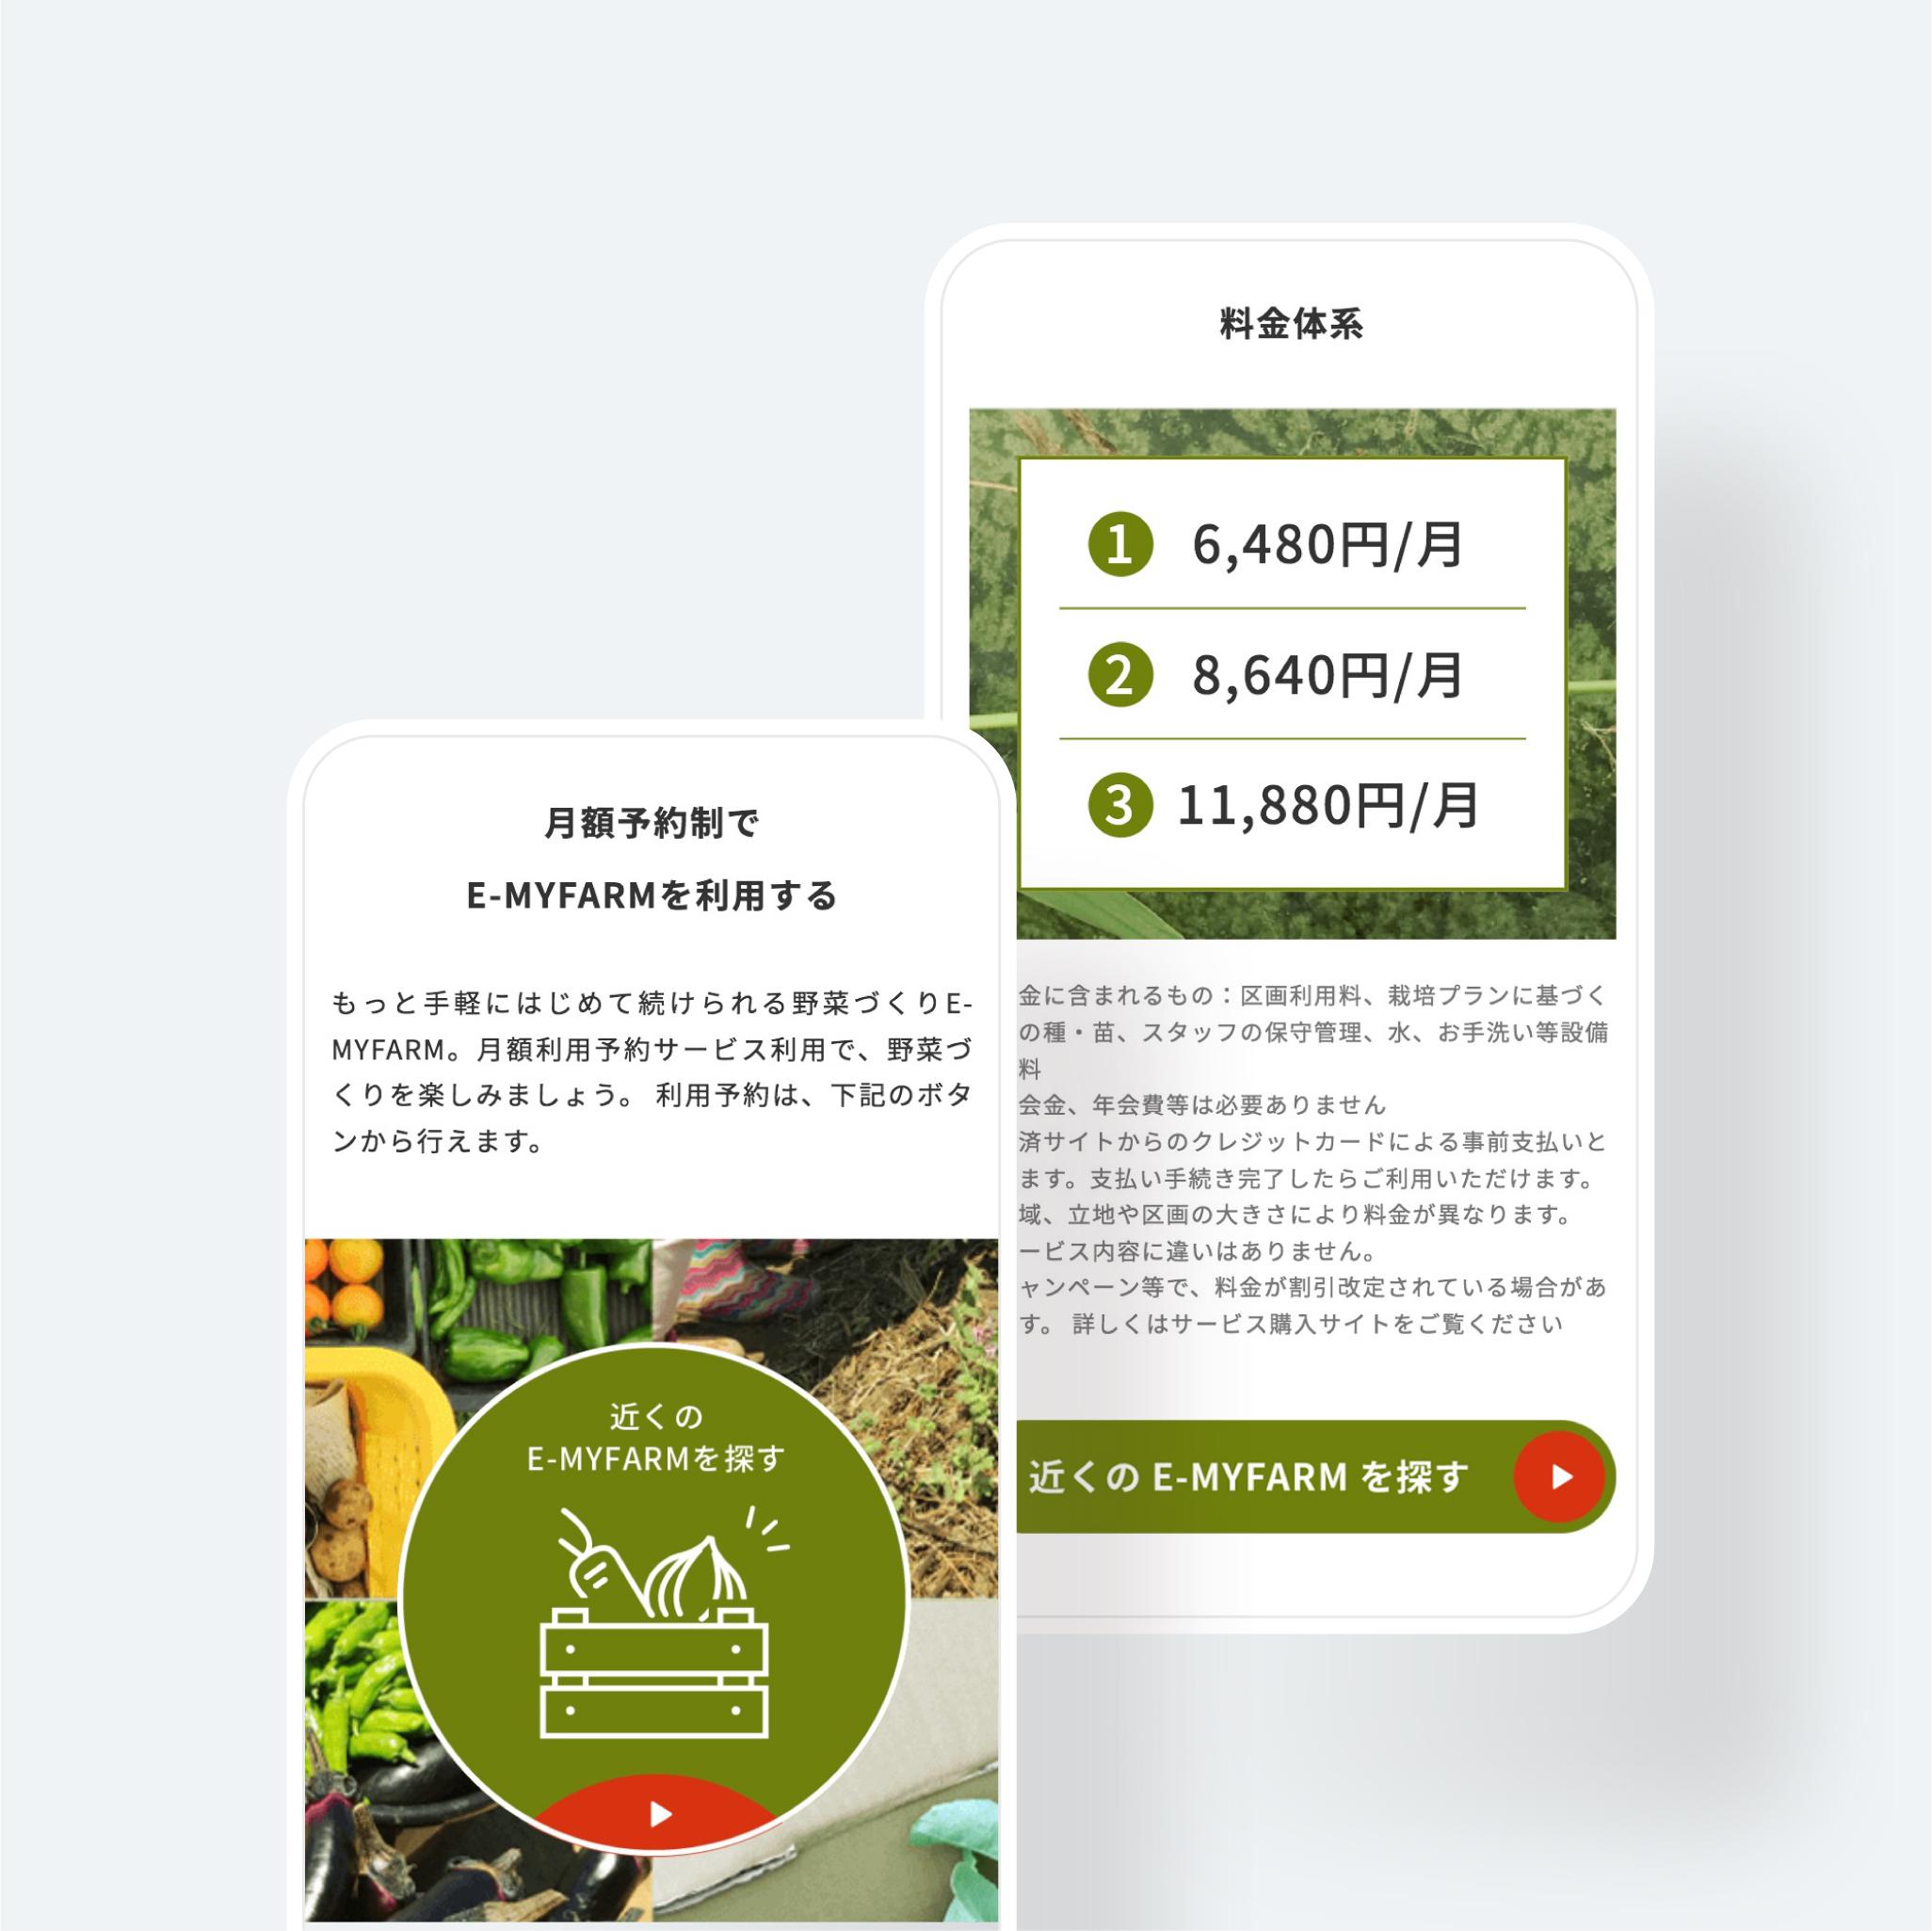 農園サービス WEBサイト| E-MYFARM(イーマイファーム)